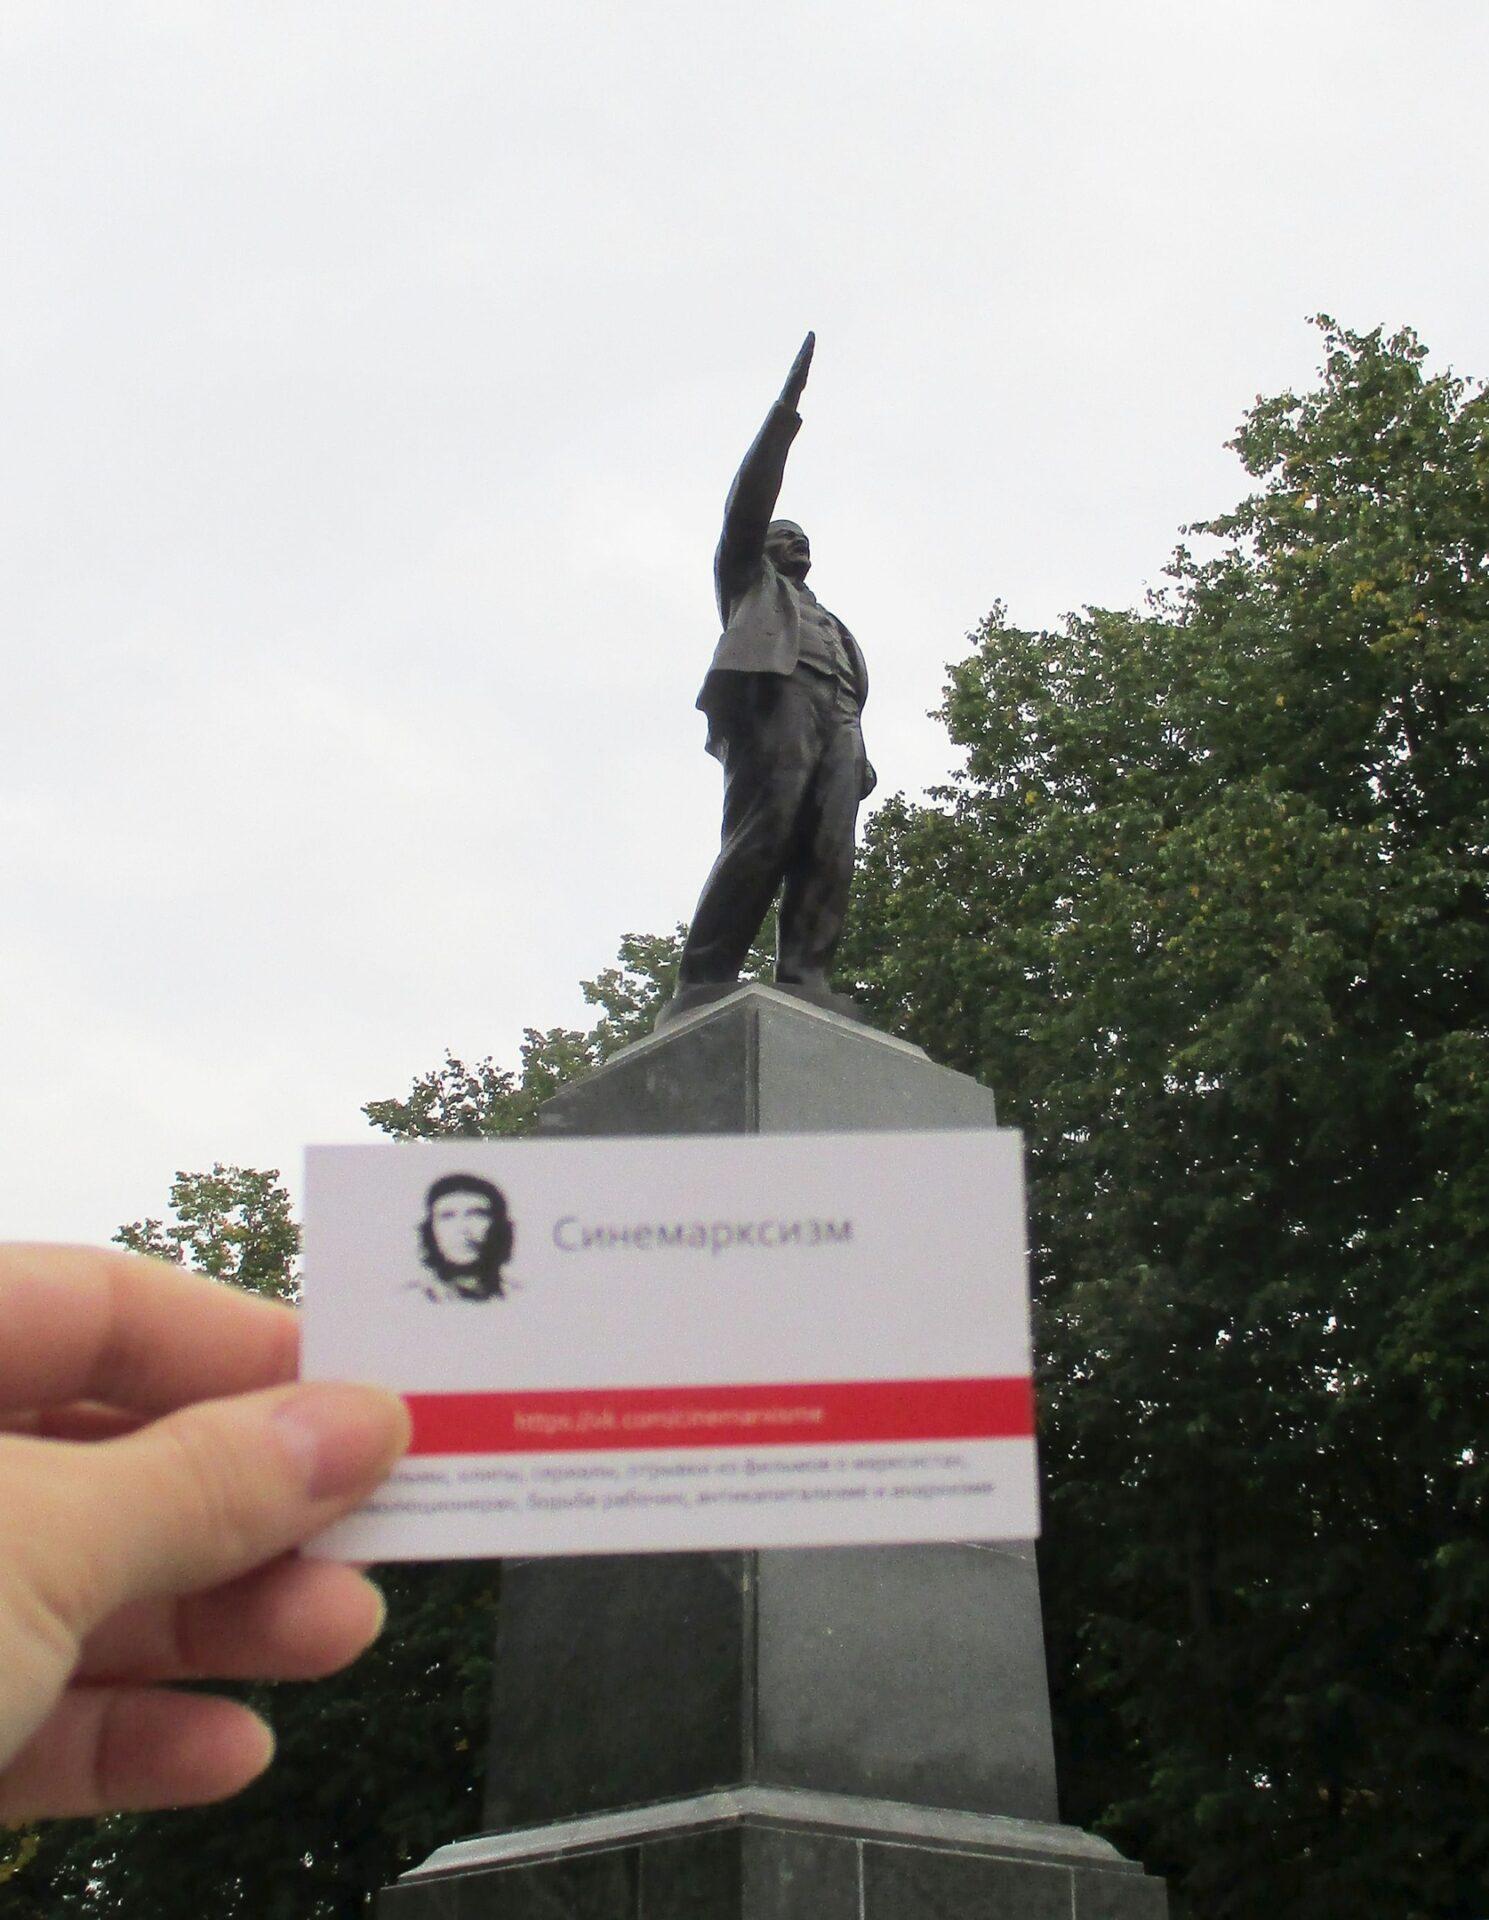 Путешествие визитки: Егорьевск.